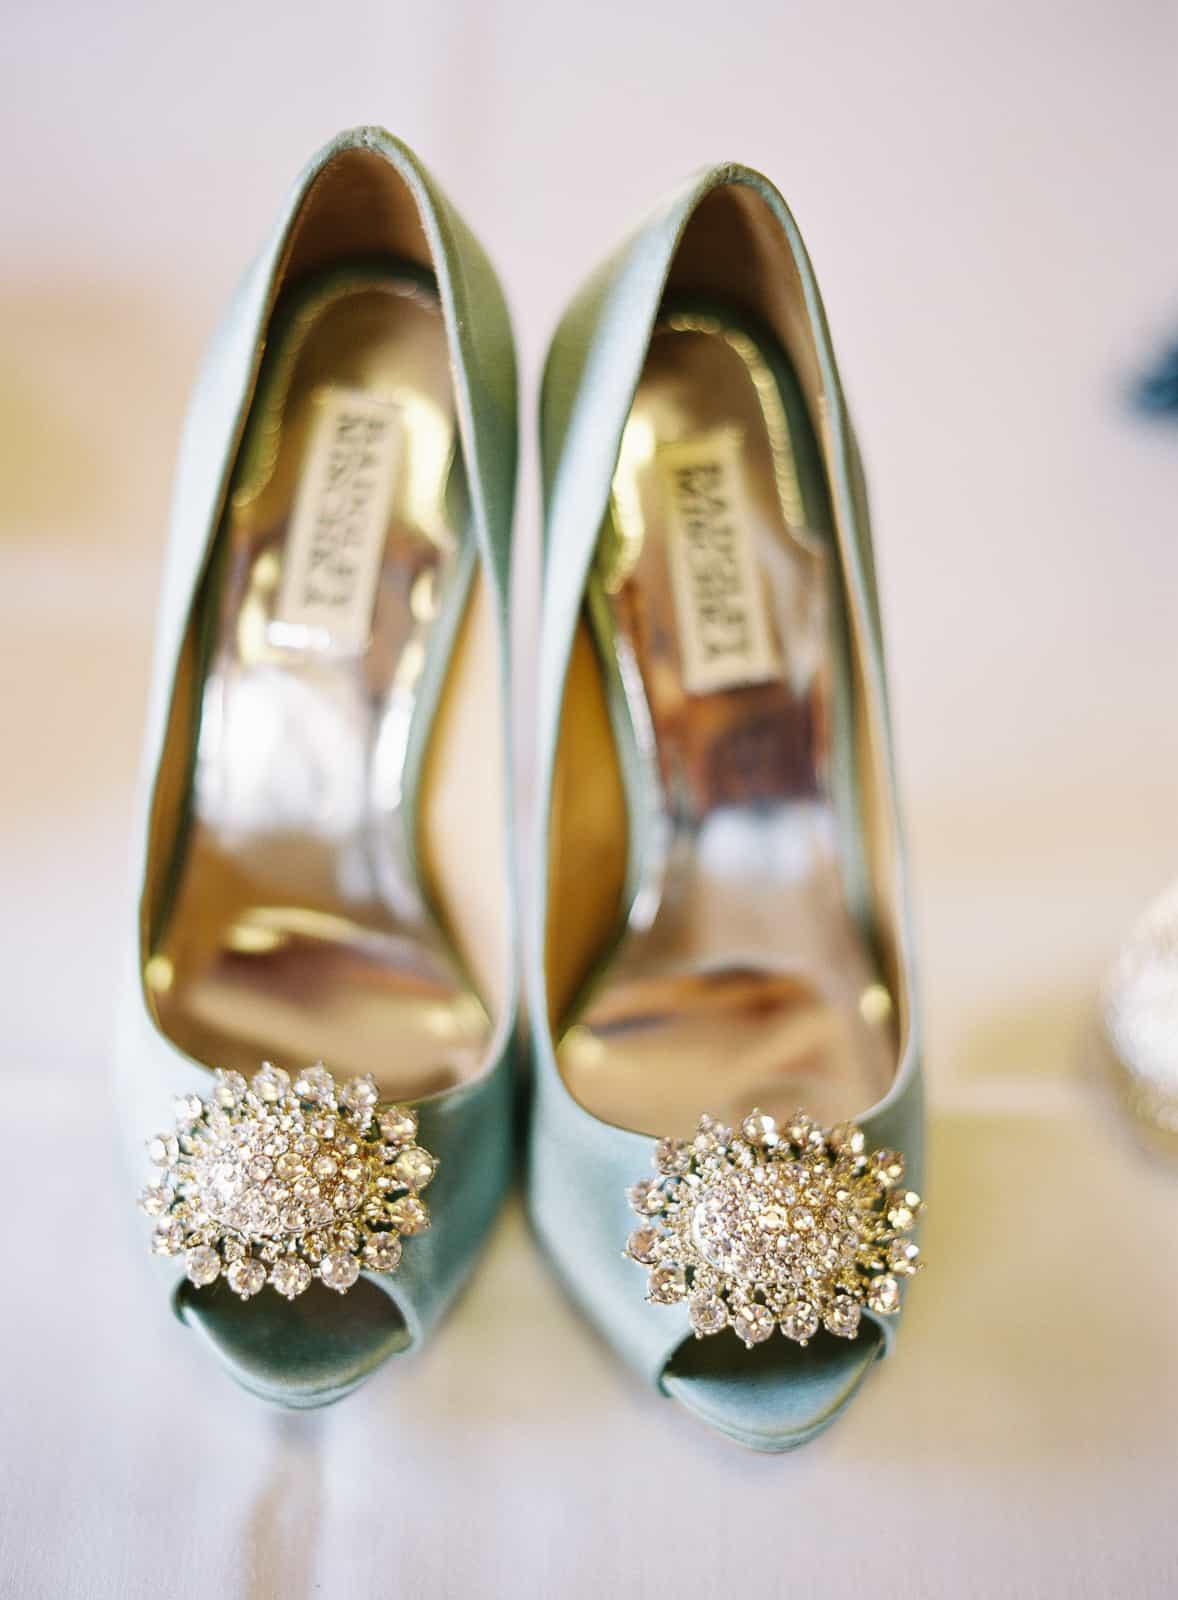 Closeup of bride's Badgley Mischka shoes